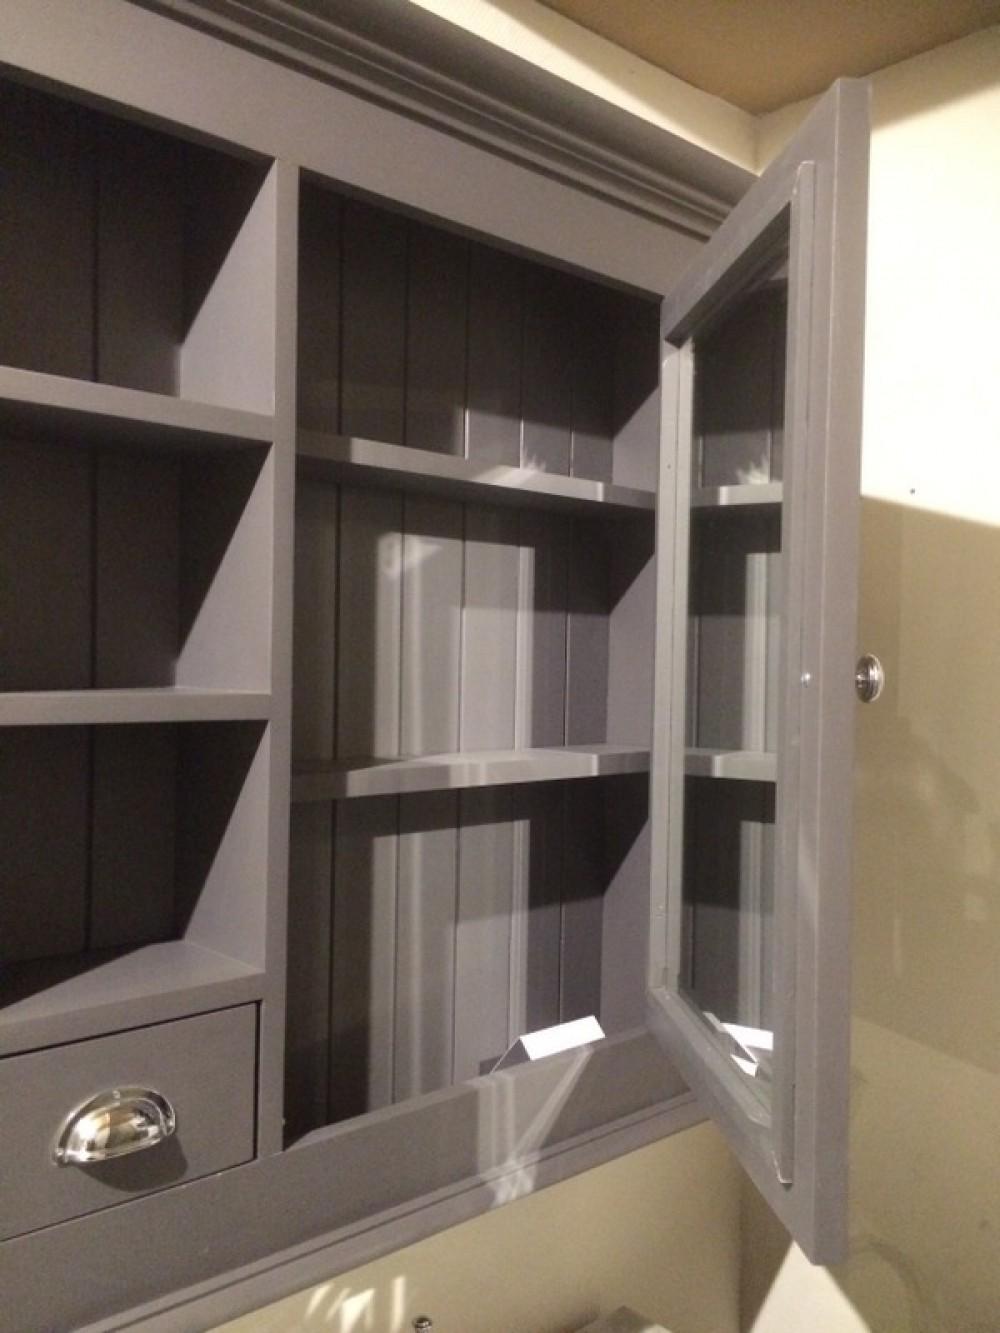 Waschtisch schwarz mit einem spiegelschrank for Bad spiegelschrank schwarz